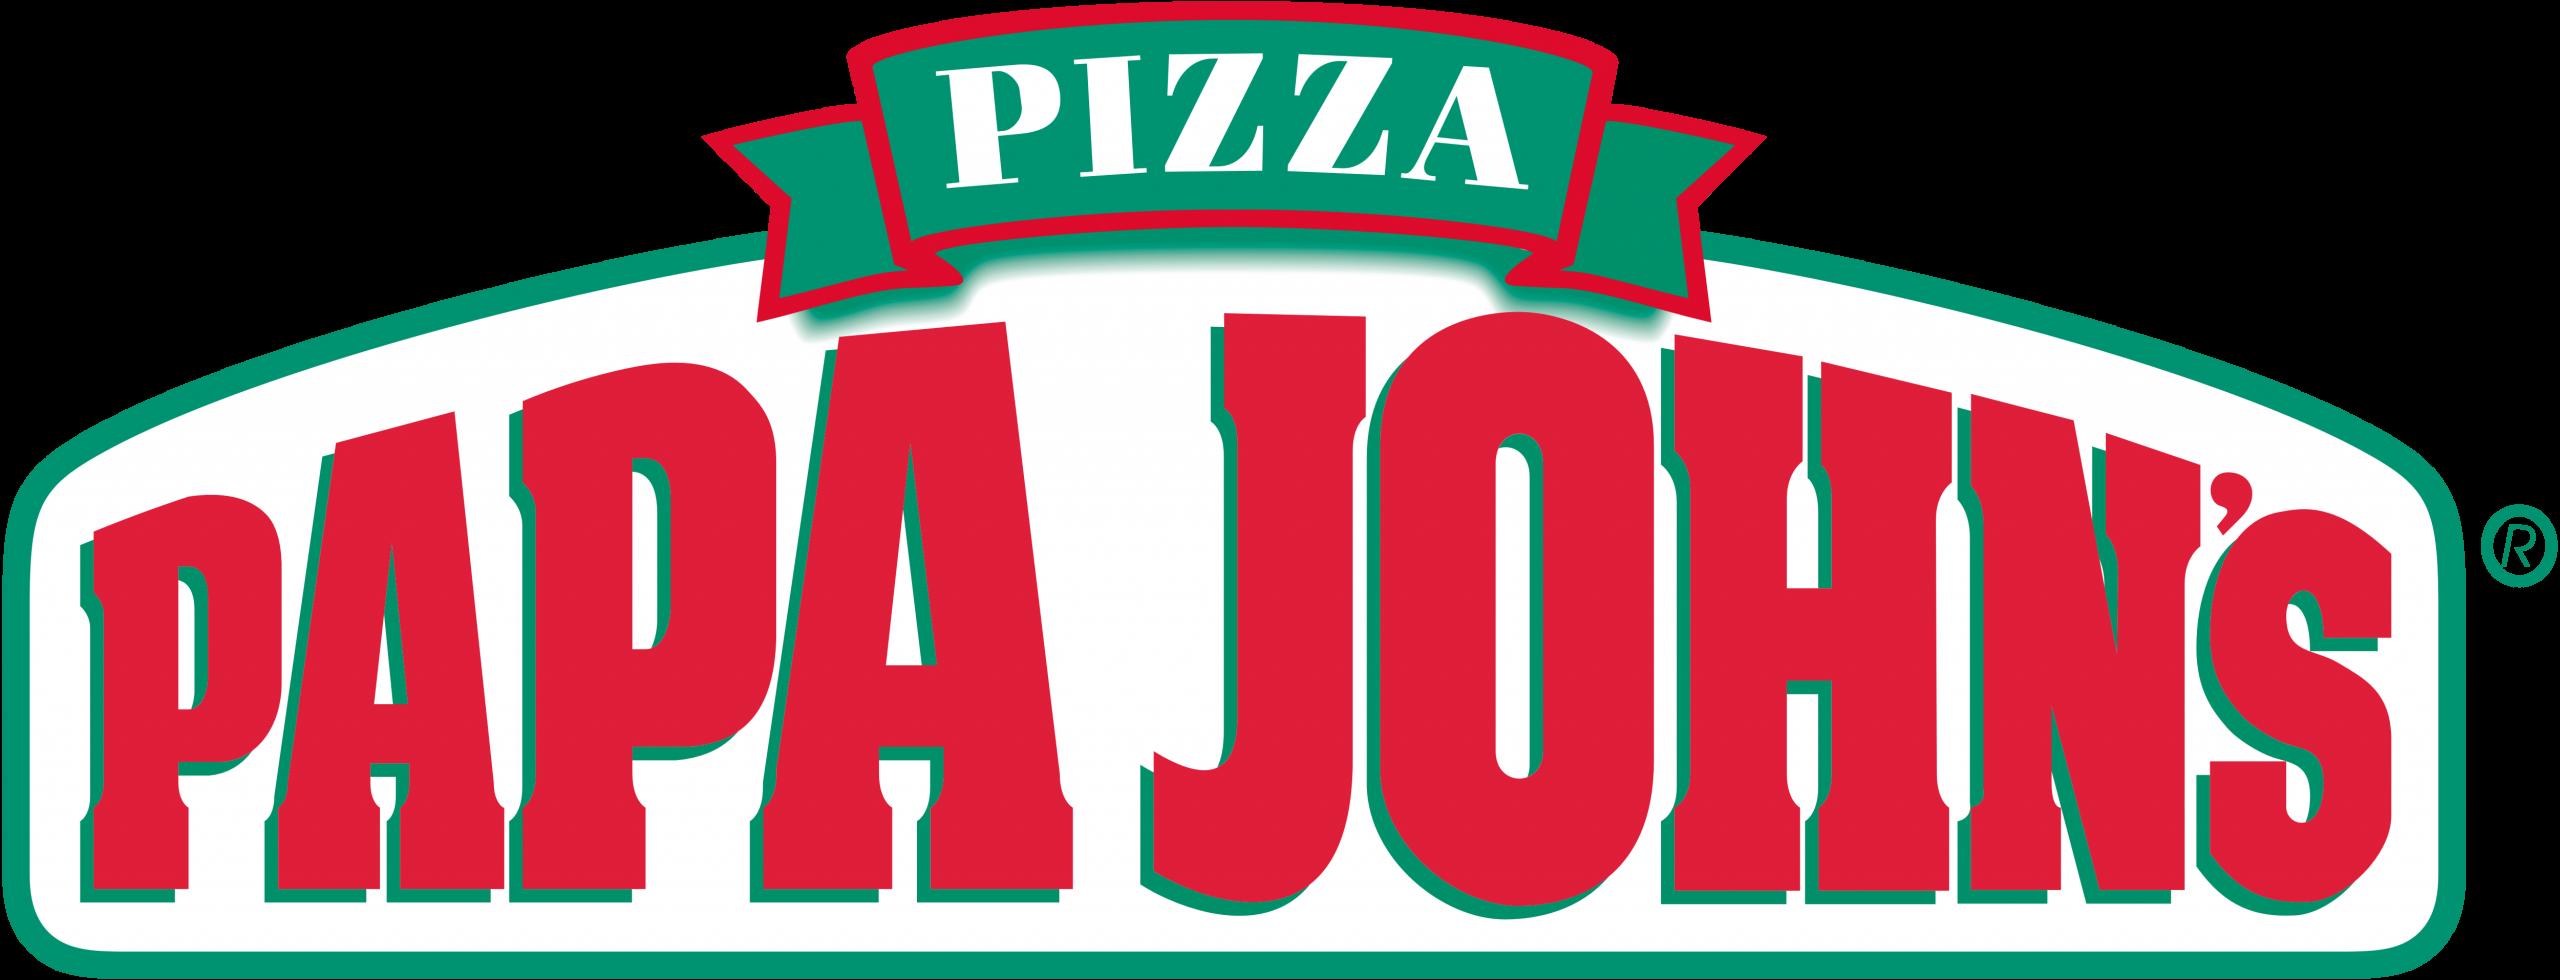 CONTEST: Win FREE Papa John's Pizza!